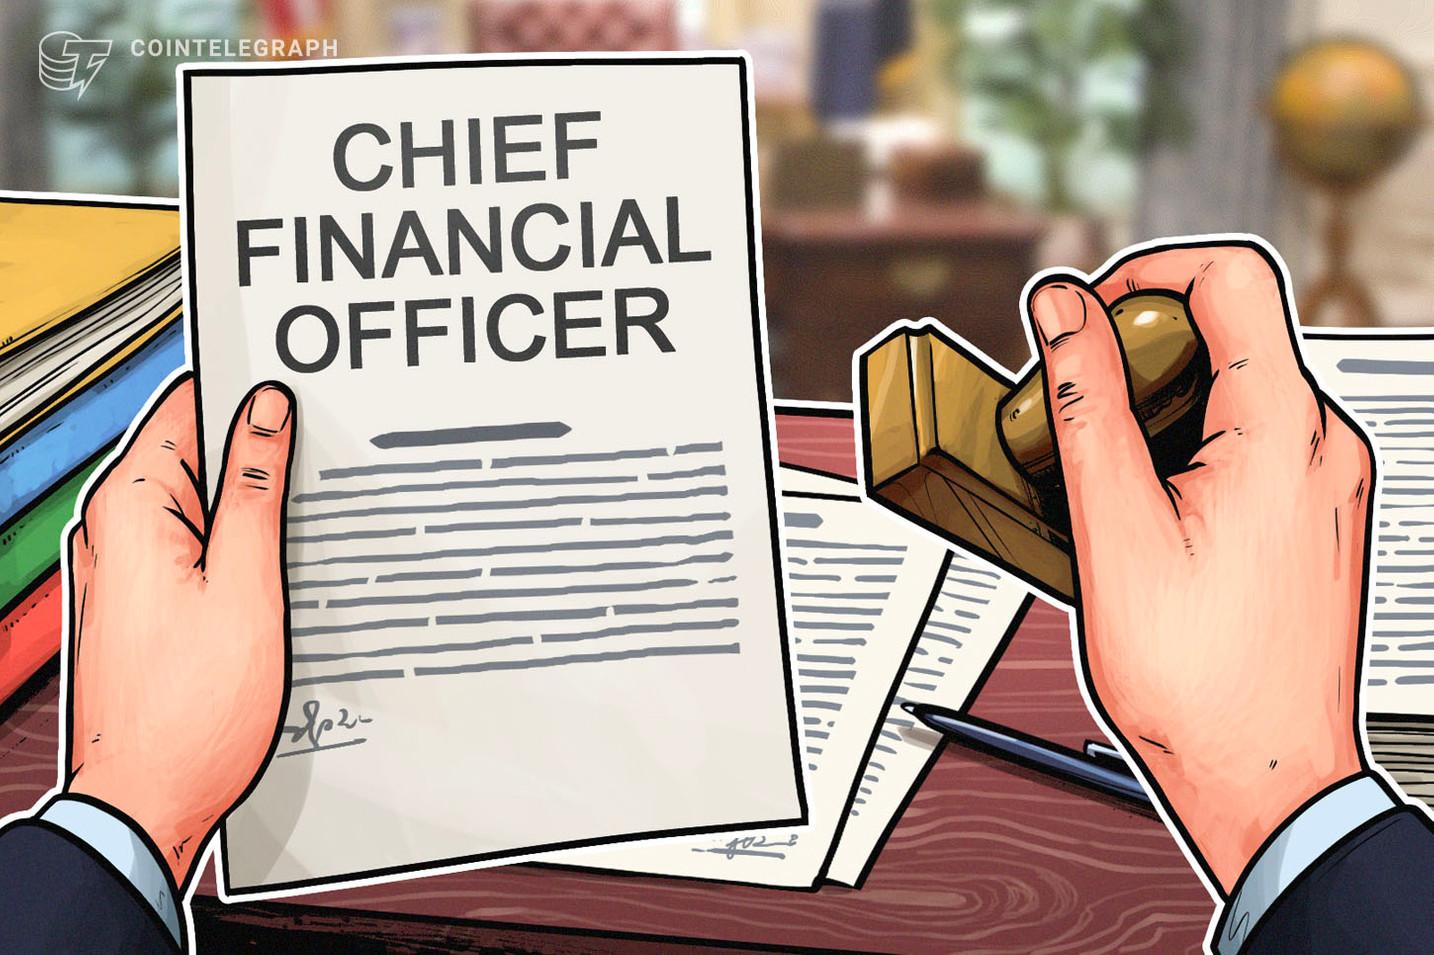 El exejecutivo de Worldpay US se une a la firma de criptopagos BitPay como su nuevo director financiero